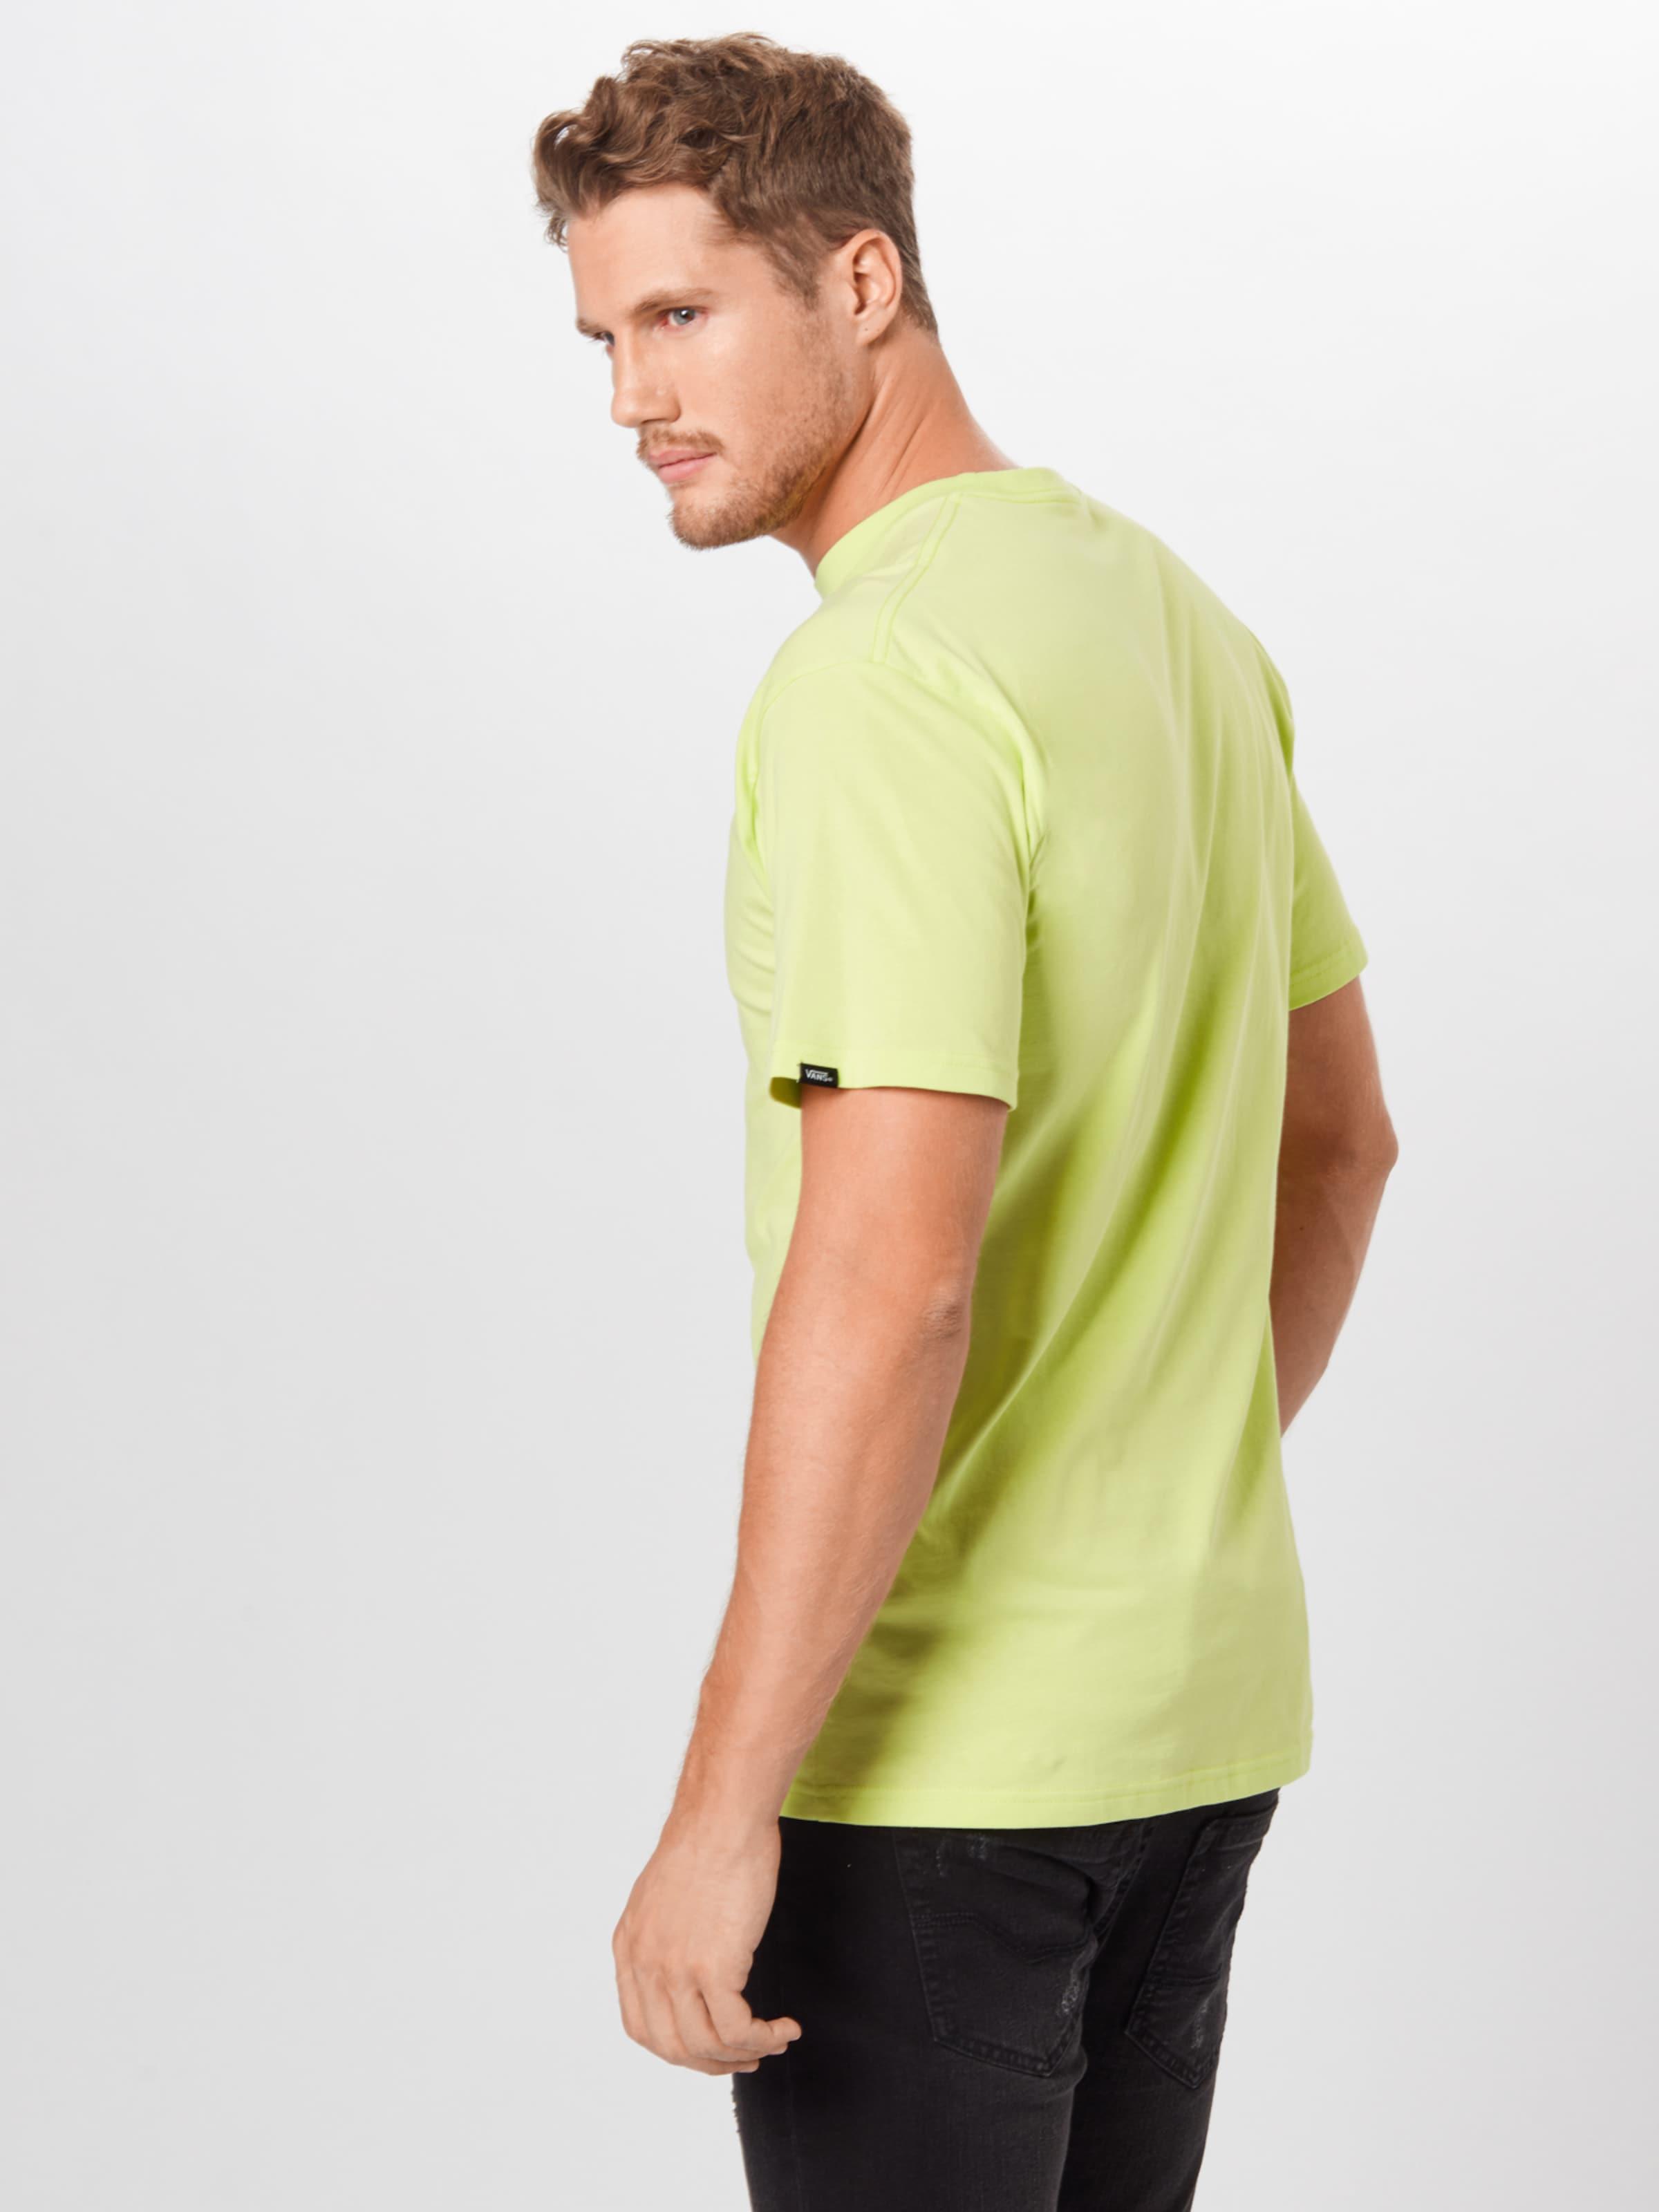 Vert En shirt ClairNoir Vans 'classic' T iTwkXuPOZ